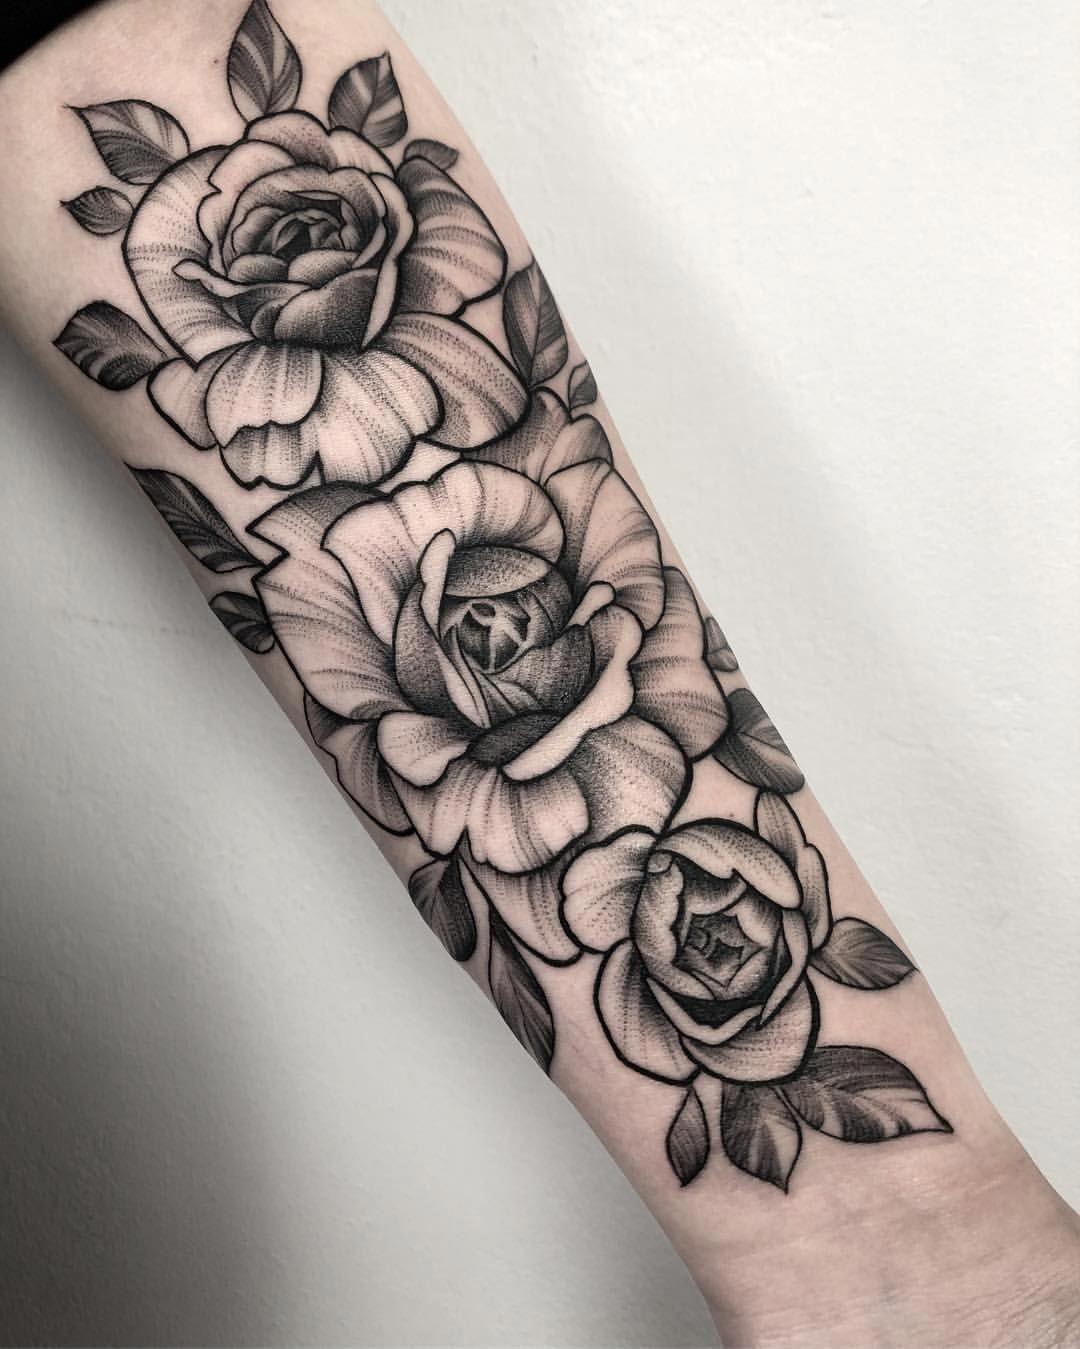 871df87406b89 #black #roses #blackwork #dotwork #blackworkerssubmission #darkart  #onlyblackart #wowtattoo #tattrx #tattooistartmag #tattoo #tattoodo…  #girltattoos